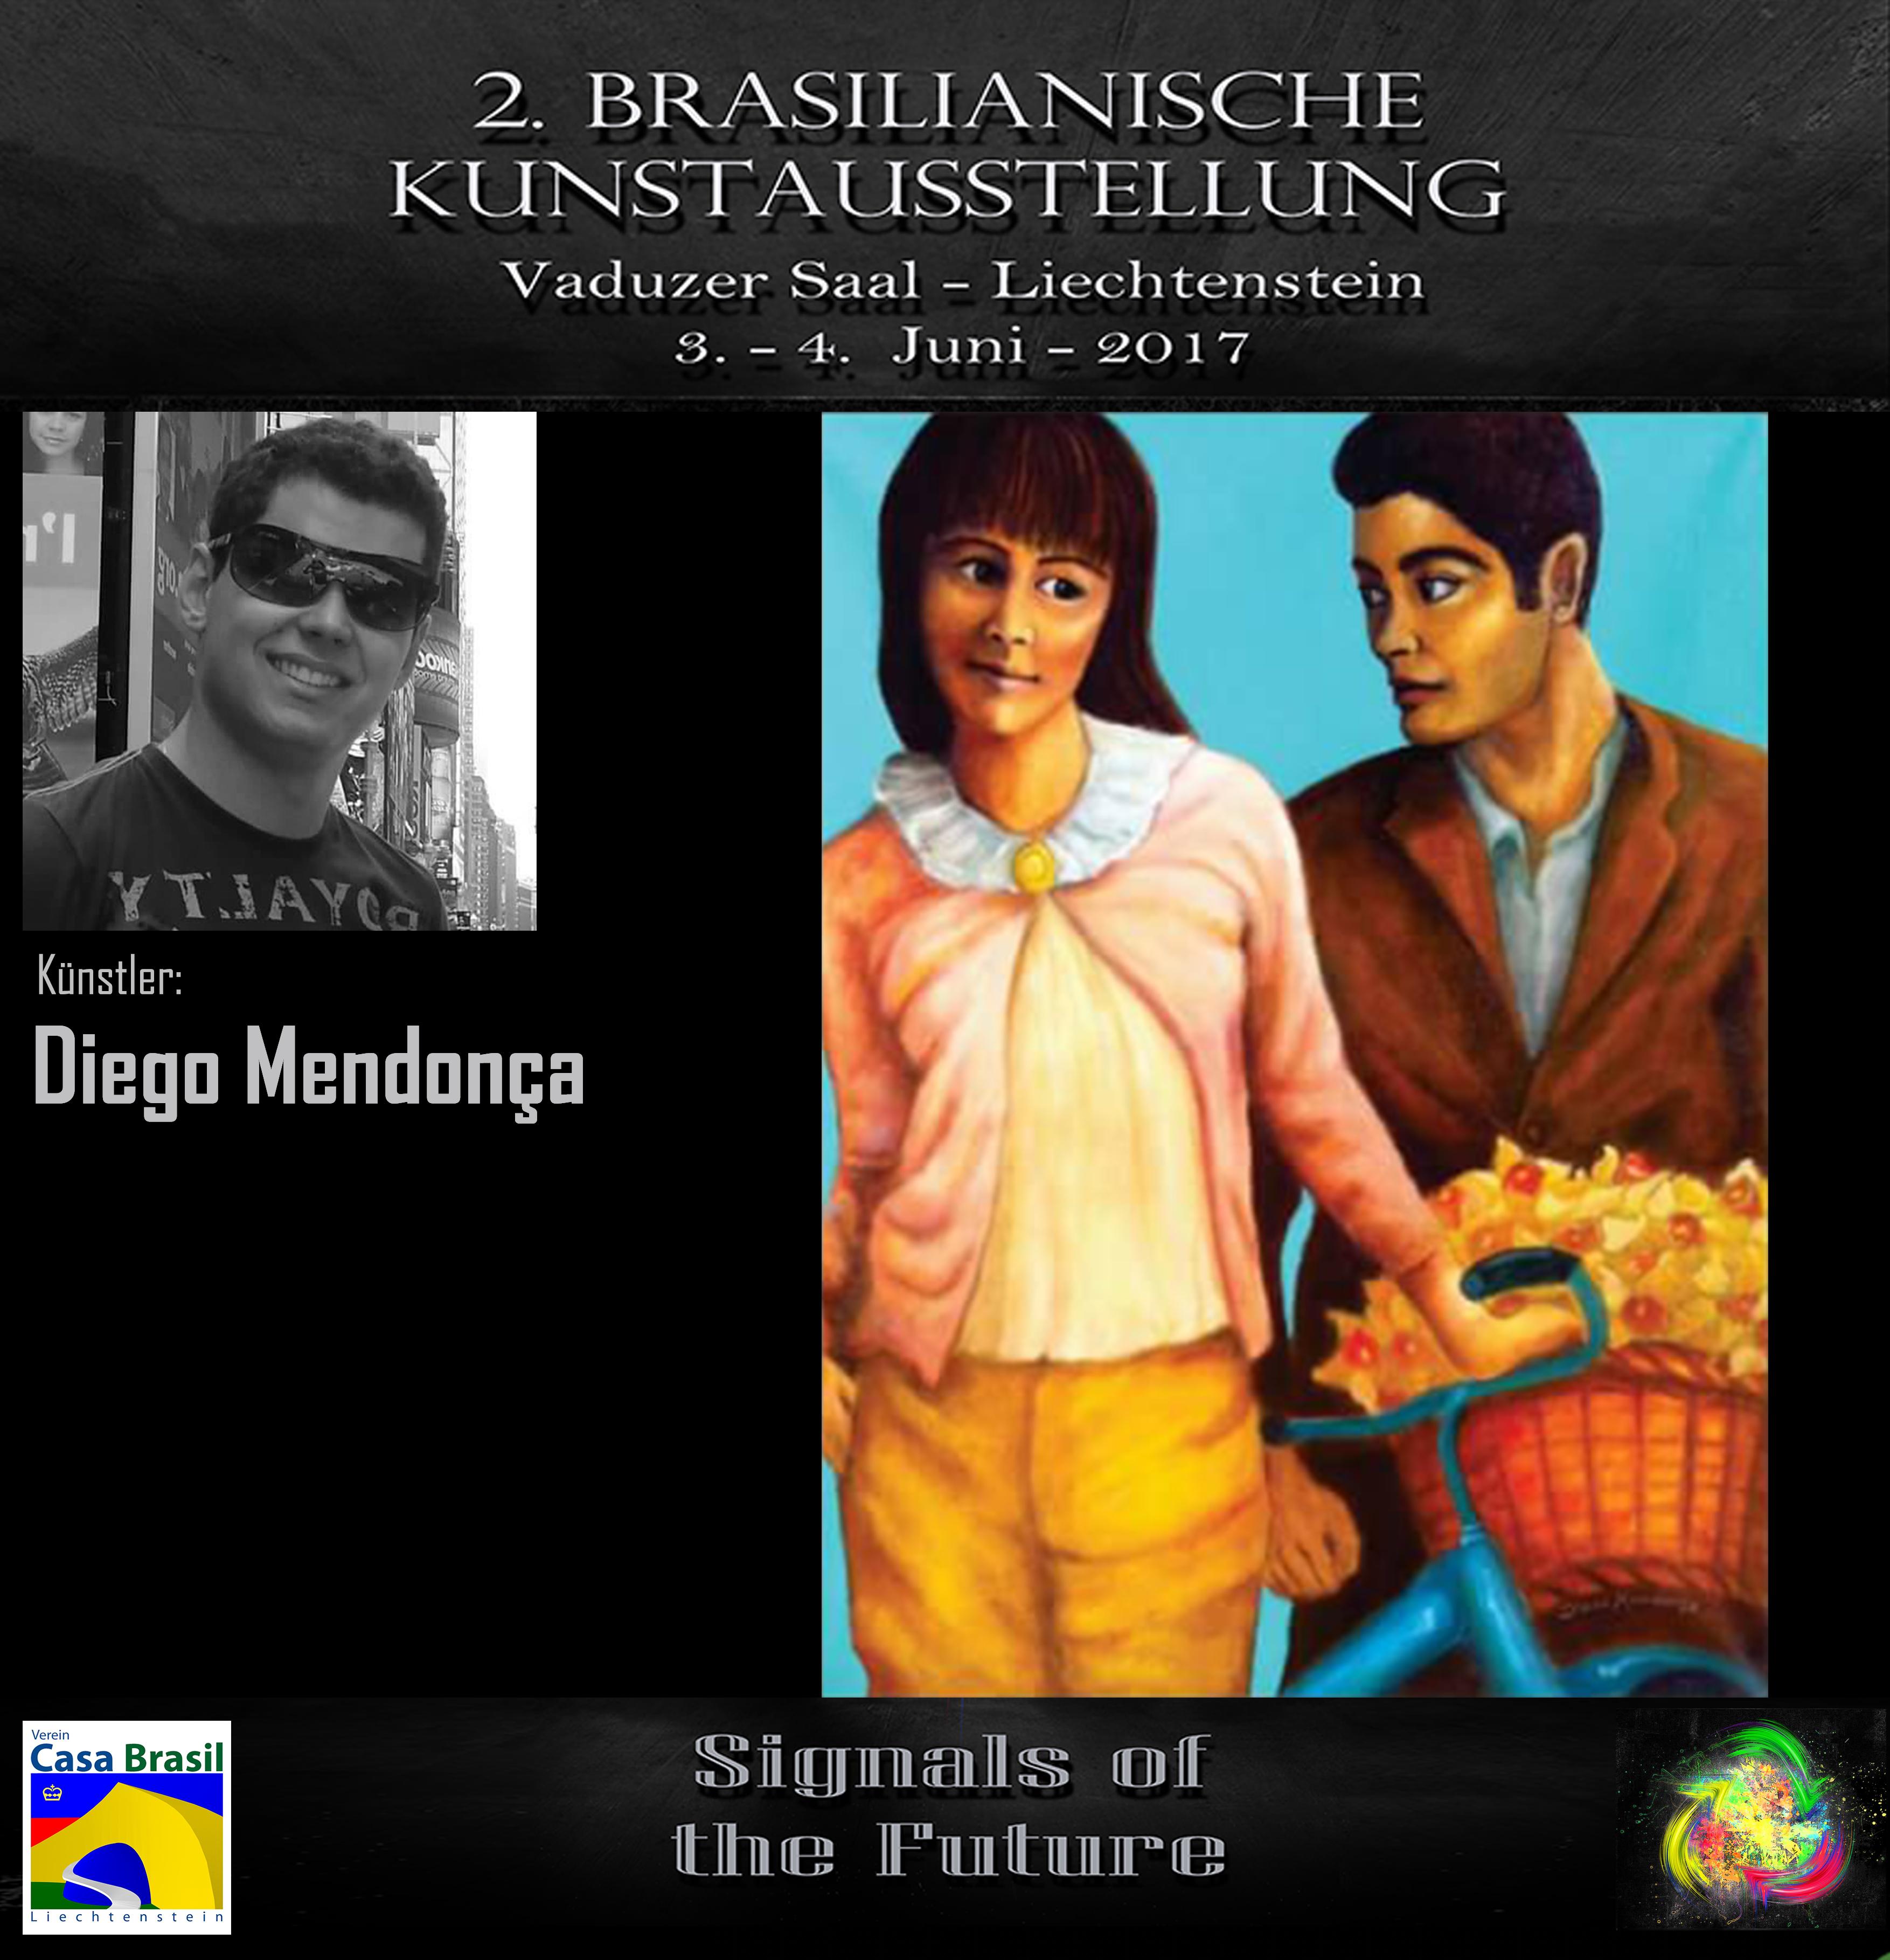 Diego Mendonça